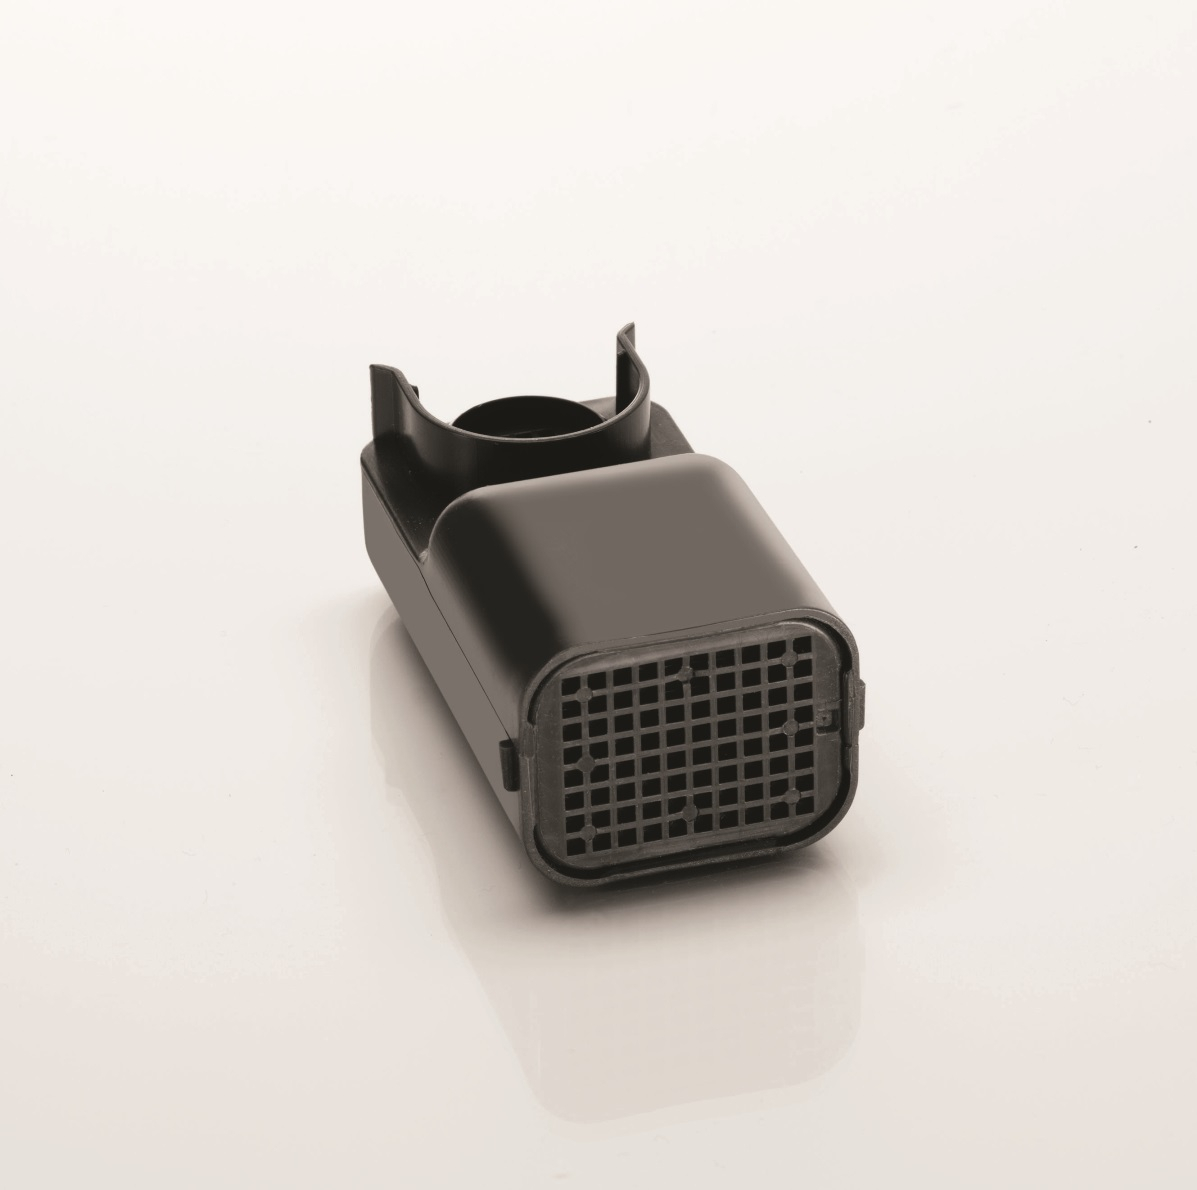 Воздушный фильтр FreshAir 9881287 купить украина